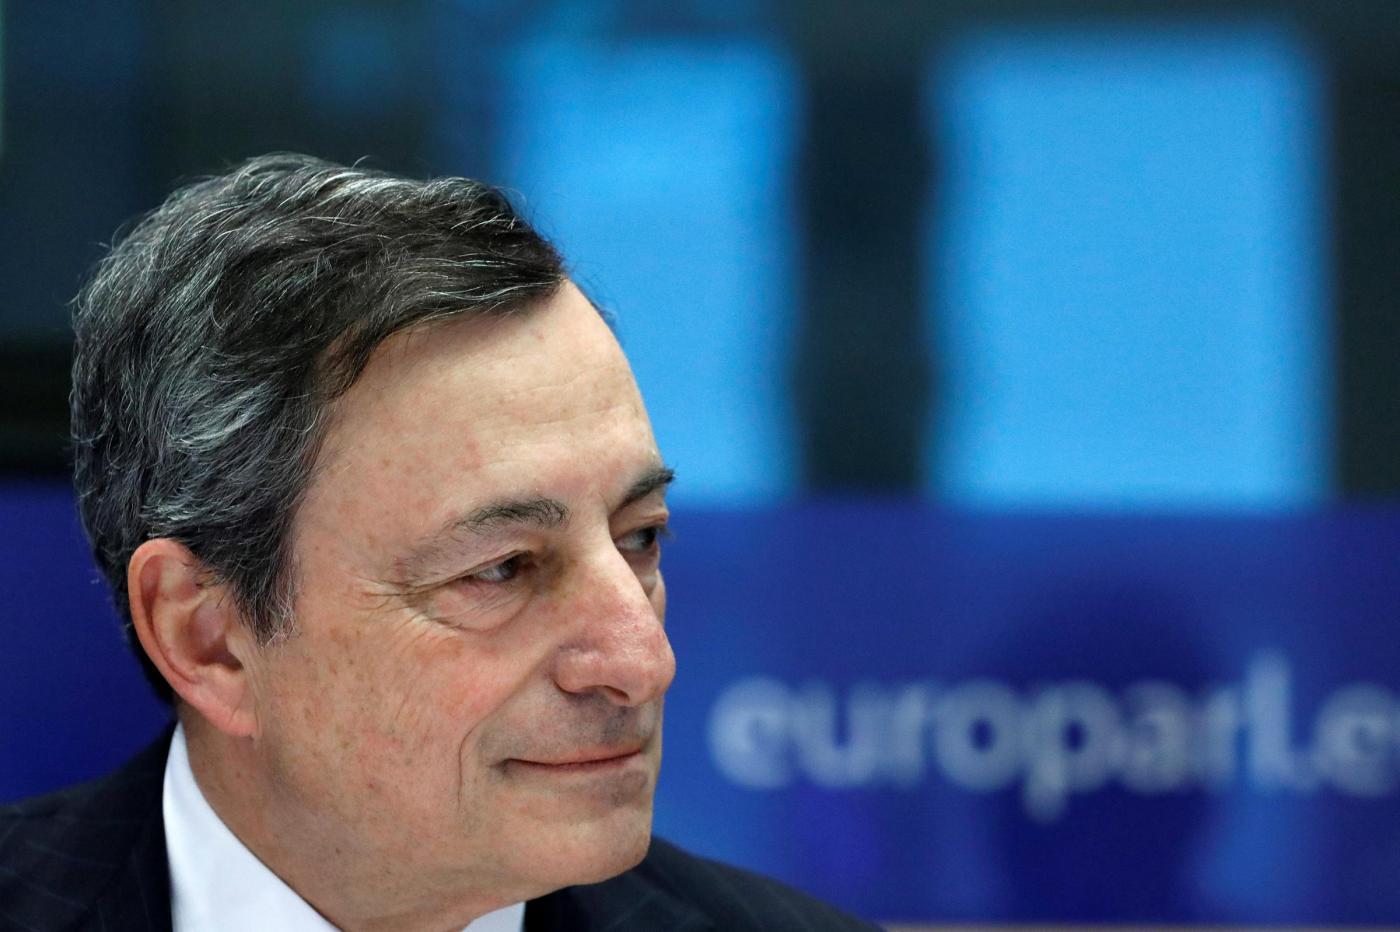 Spread sopra i 200 punti, Draghi contro Trump e Marine Le Pen: 'L'euro è irrevocabile'